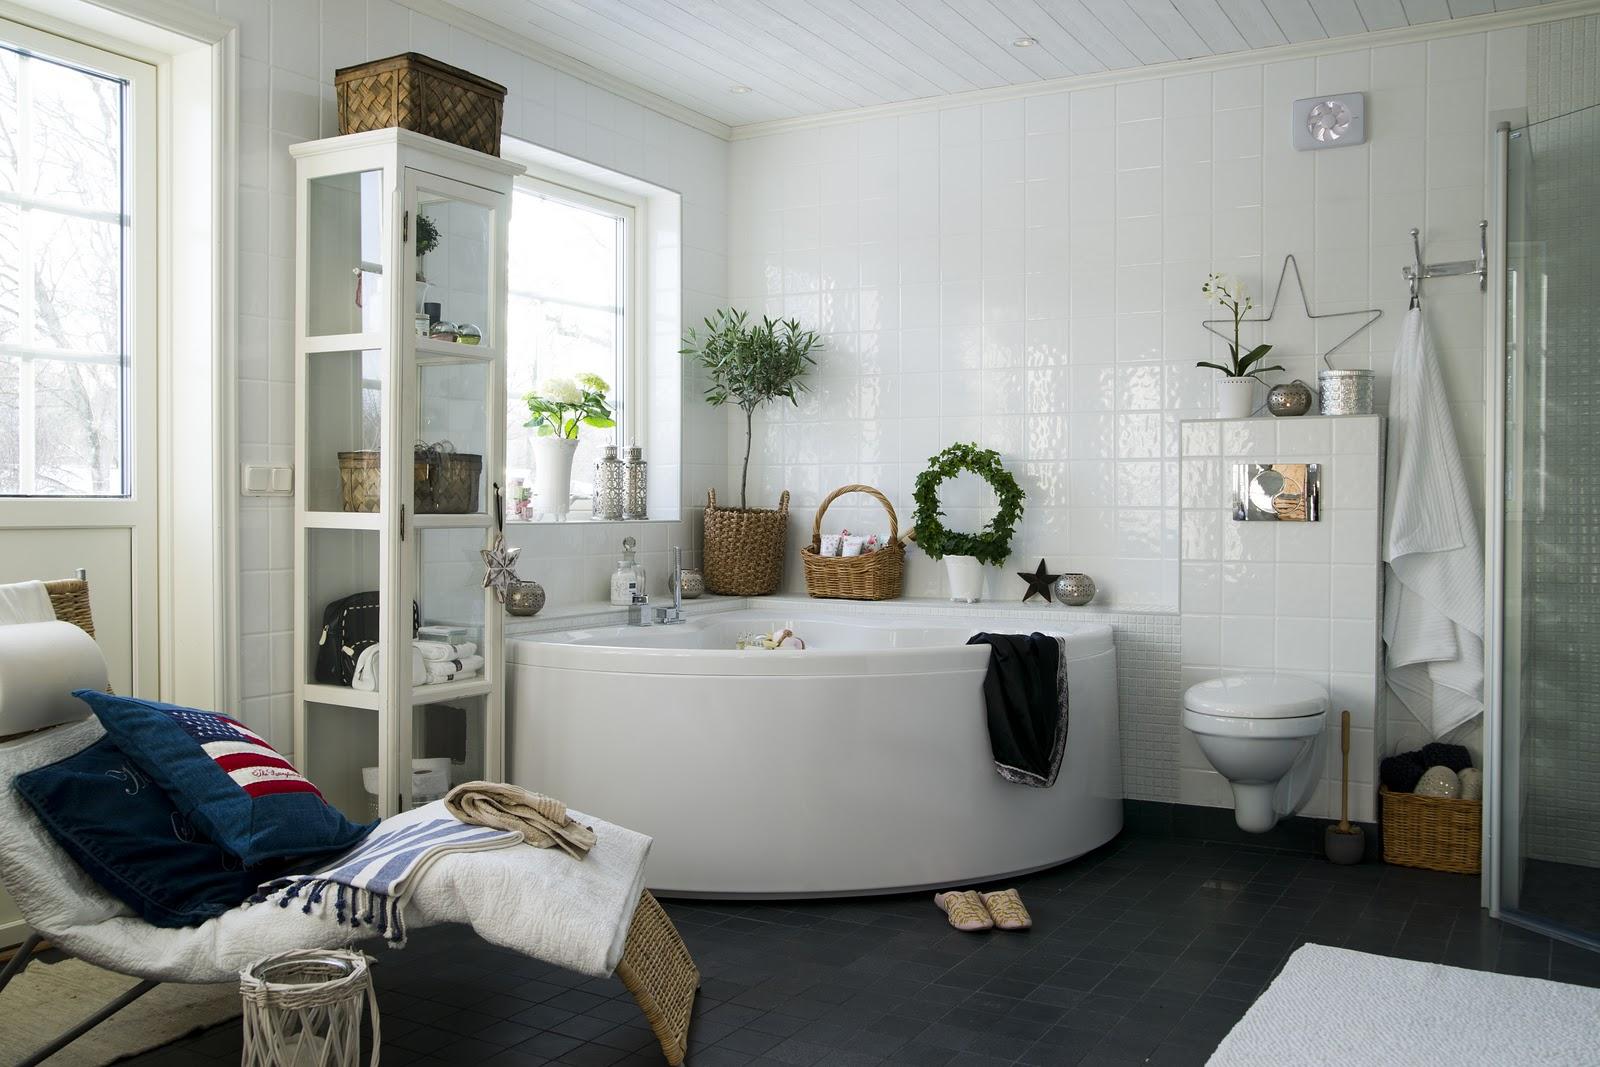 Badrum och tvättstuga samma rum ~ xellen.com